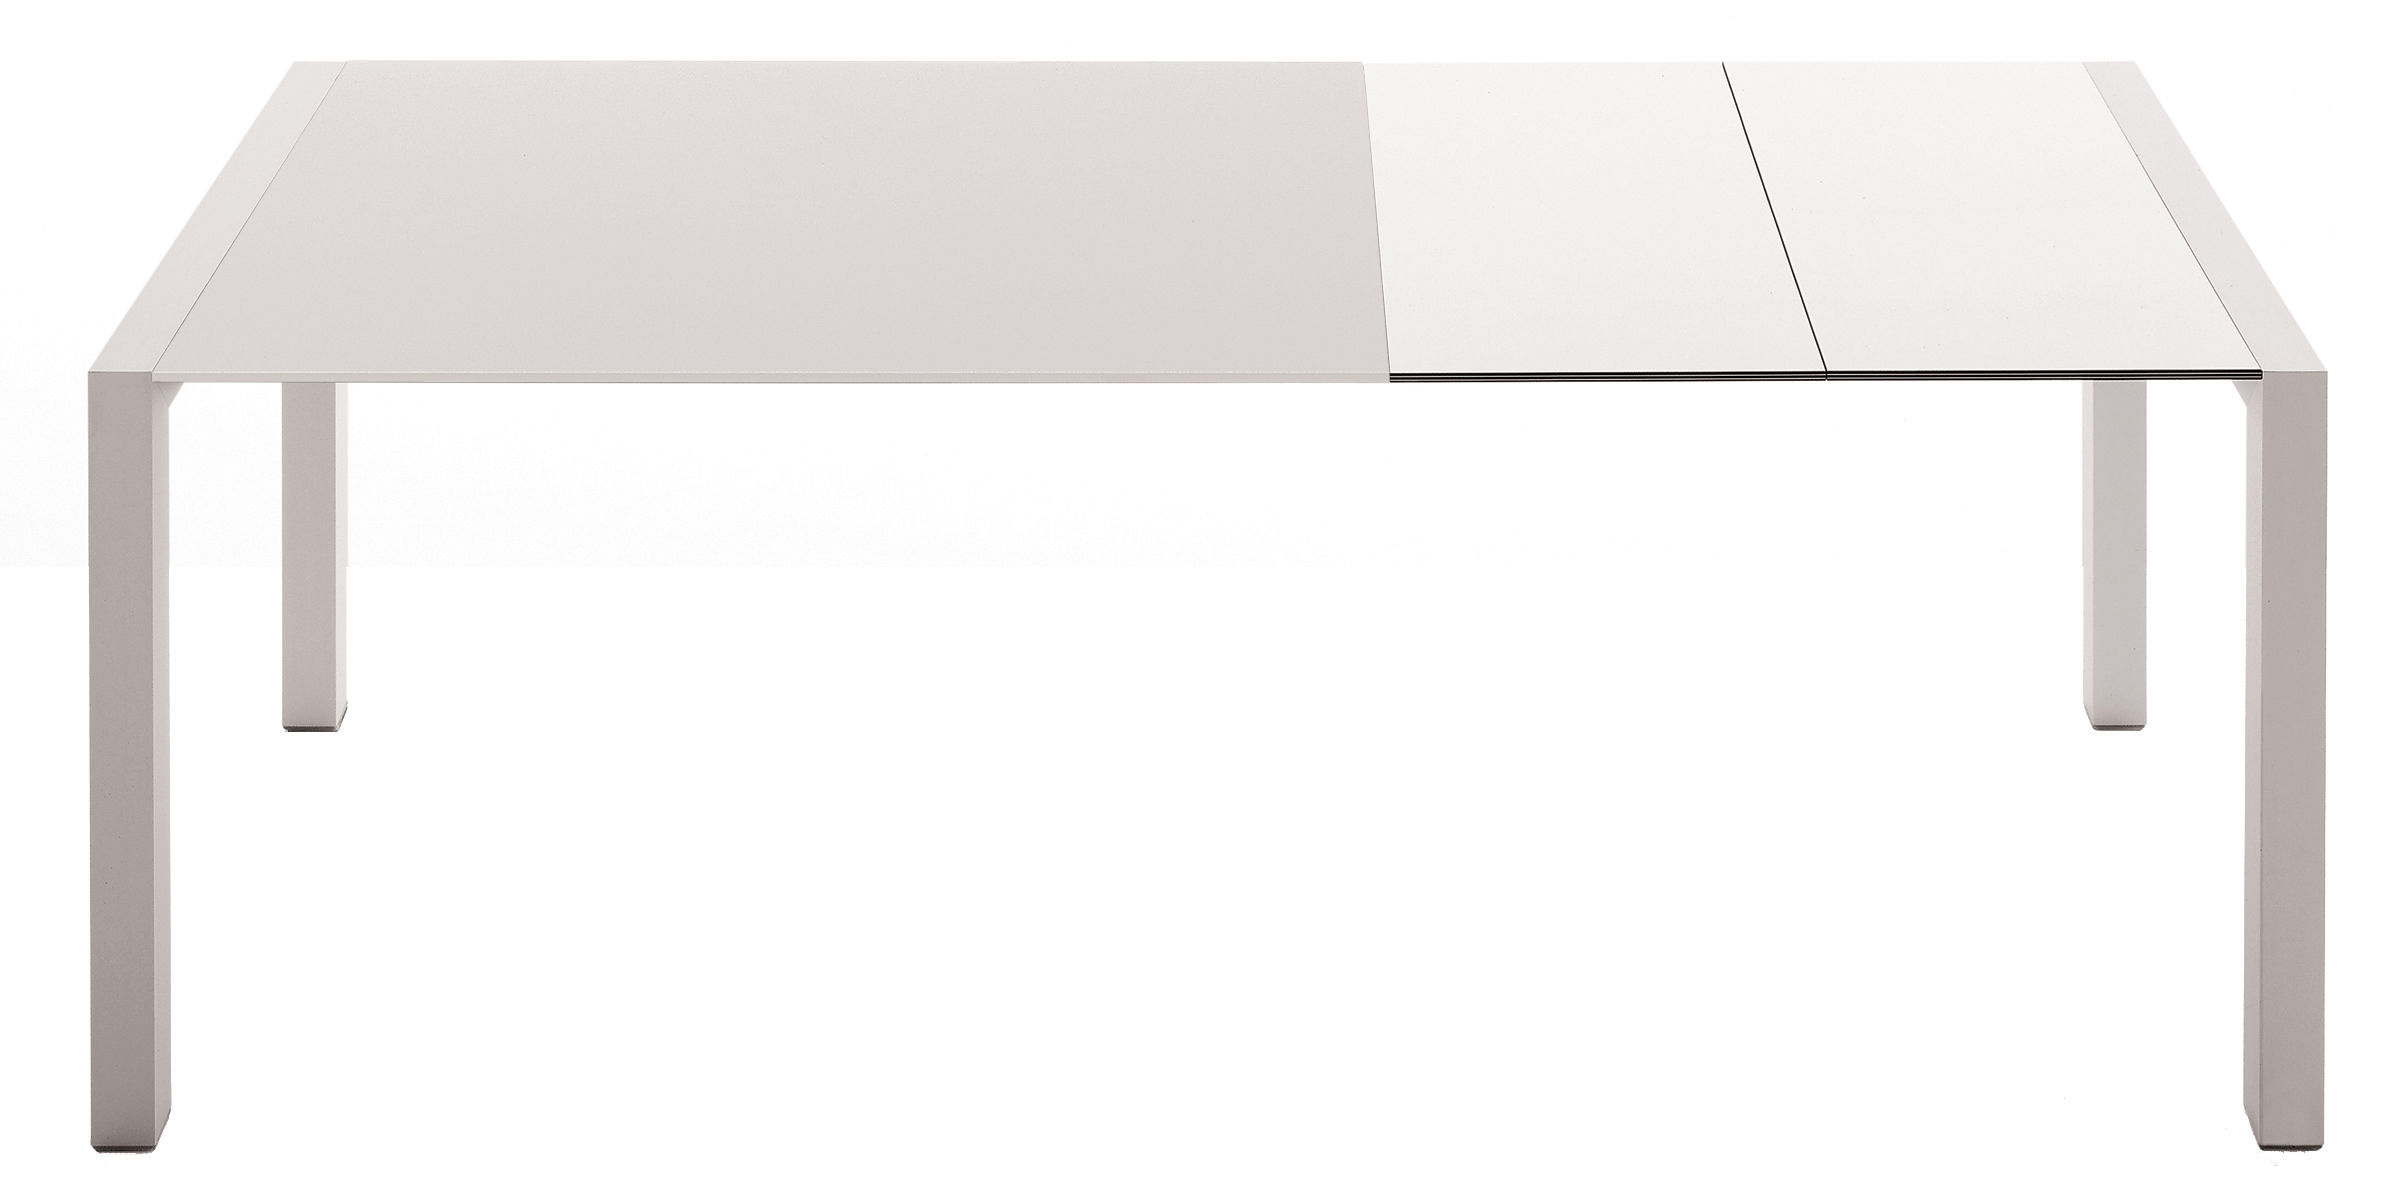 Tendances - À taaable ! - Table à rallonge Sushi / L 150 à 225 cm - Kristalia - Plateau verre blanc / Rallonges laminé blanc - Aluminium anodisé, Laminé stratifié, Verre verni